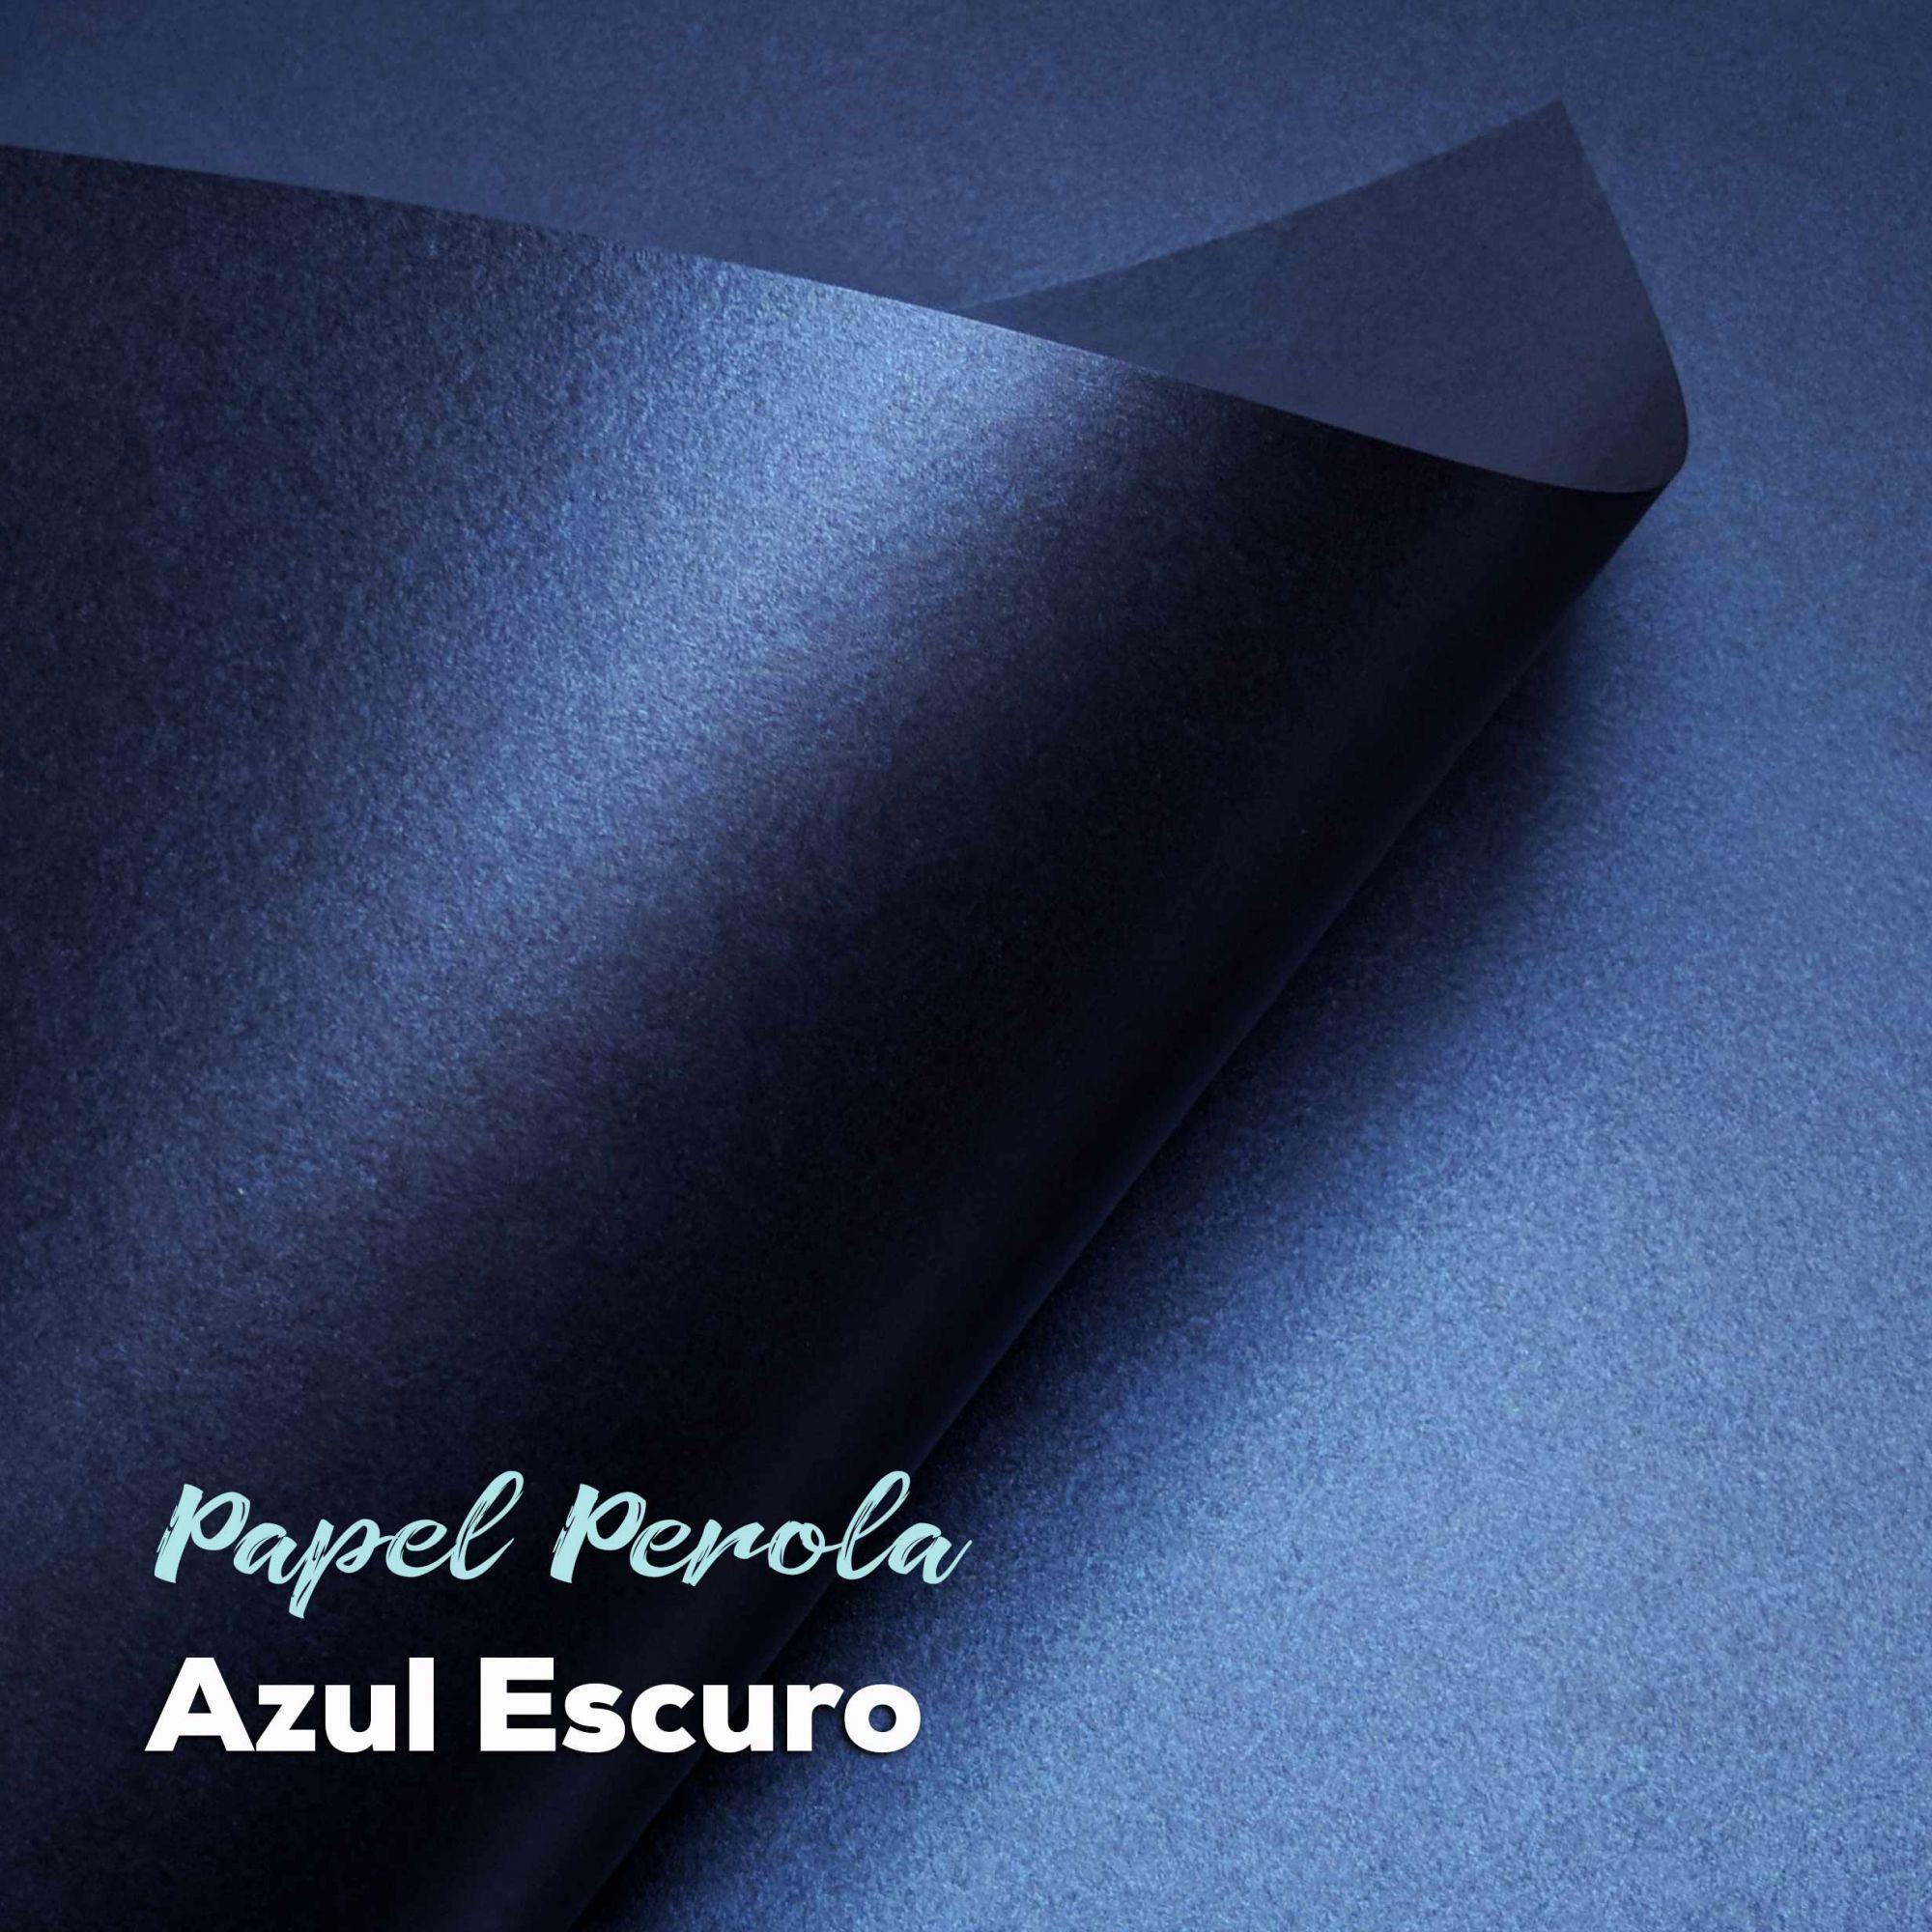 Papel Pérola Azul Escuro Tam: 66x96cm 180g/m² com 10 folhas